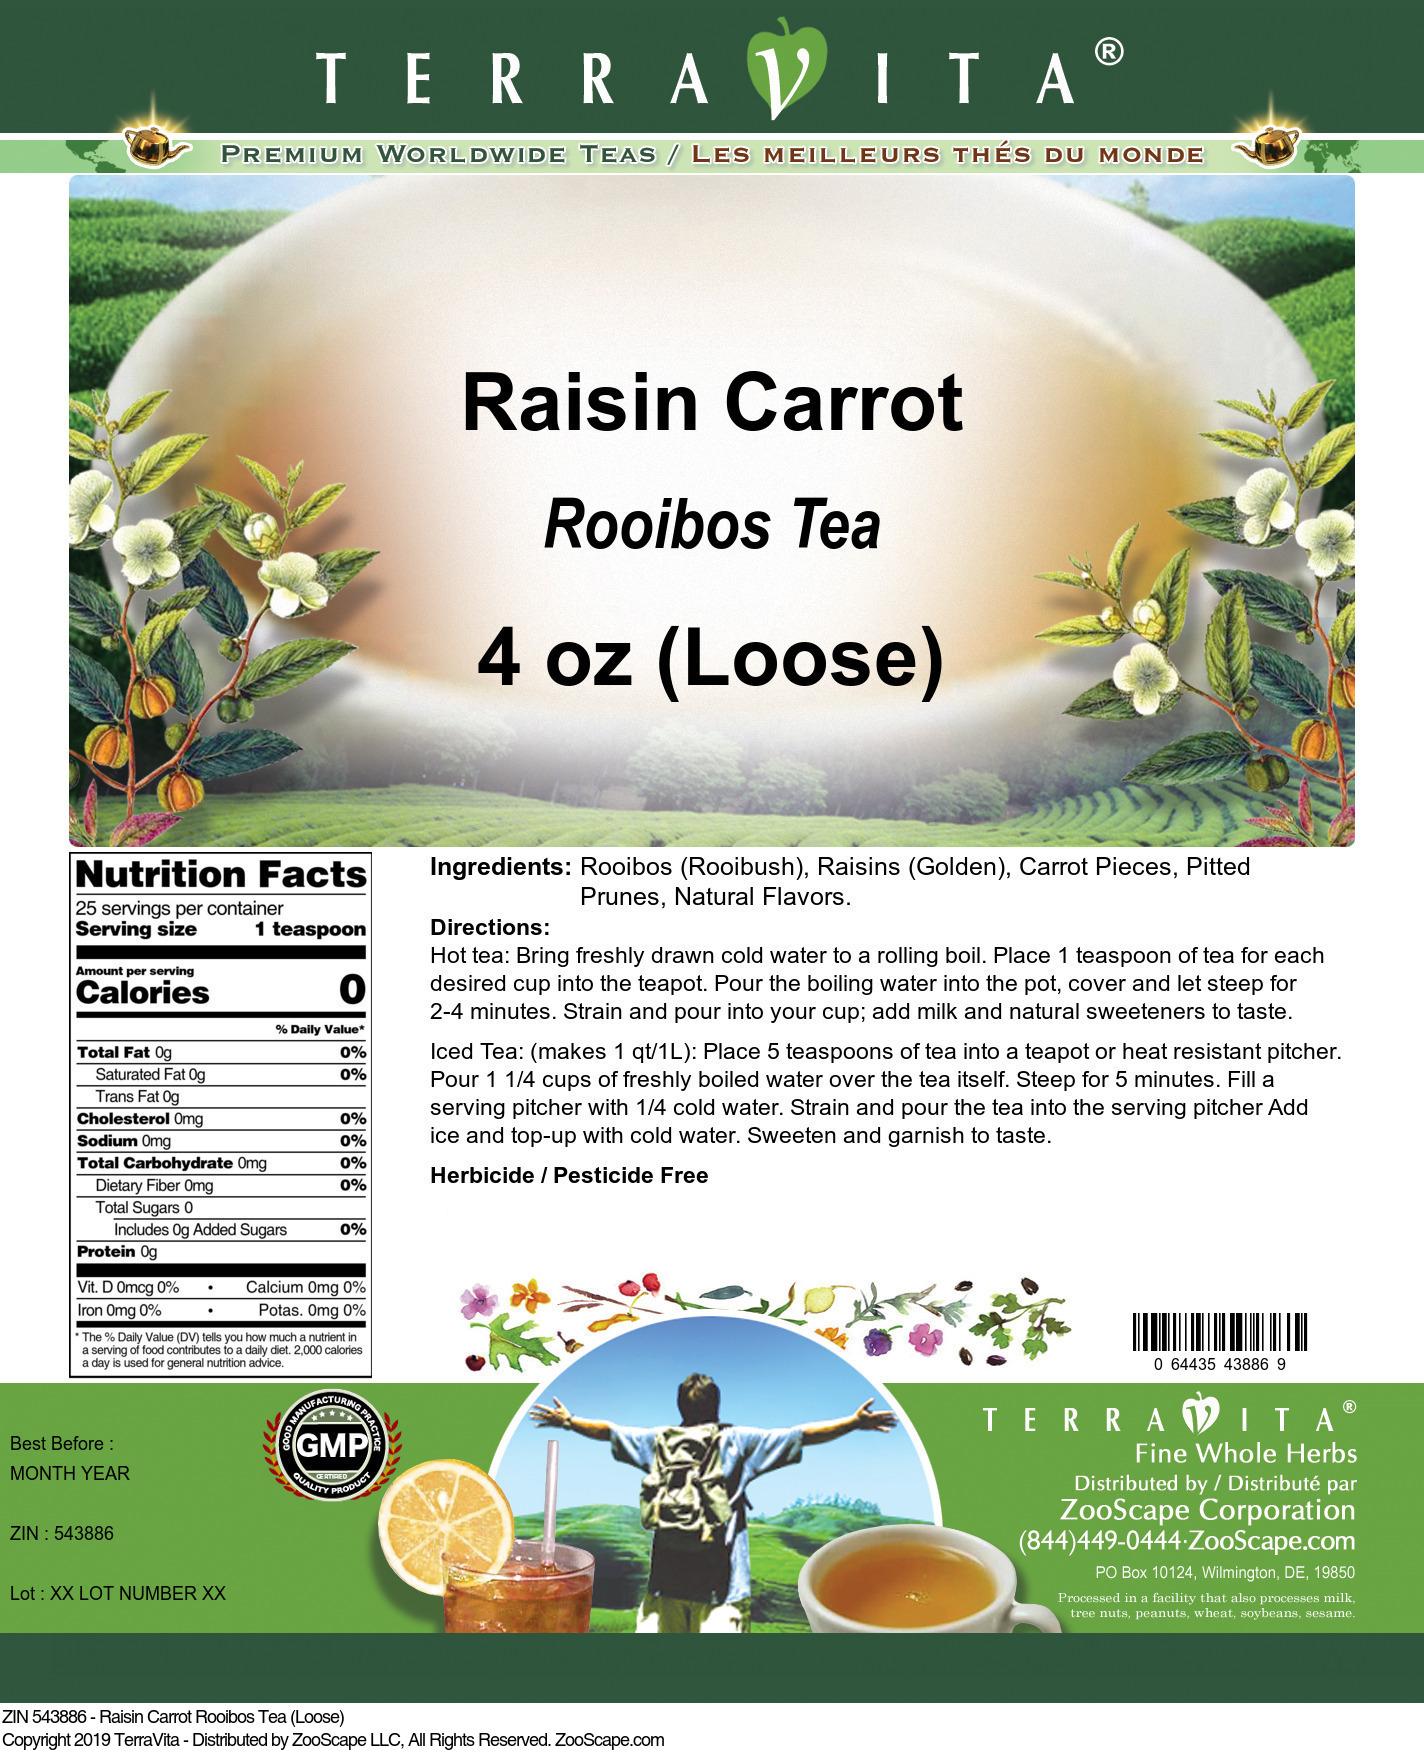 Raisin Carrot Rooibos Tea